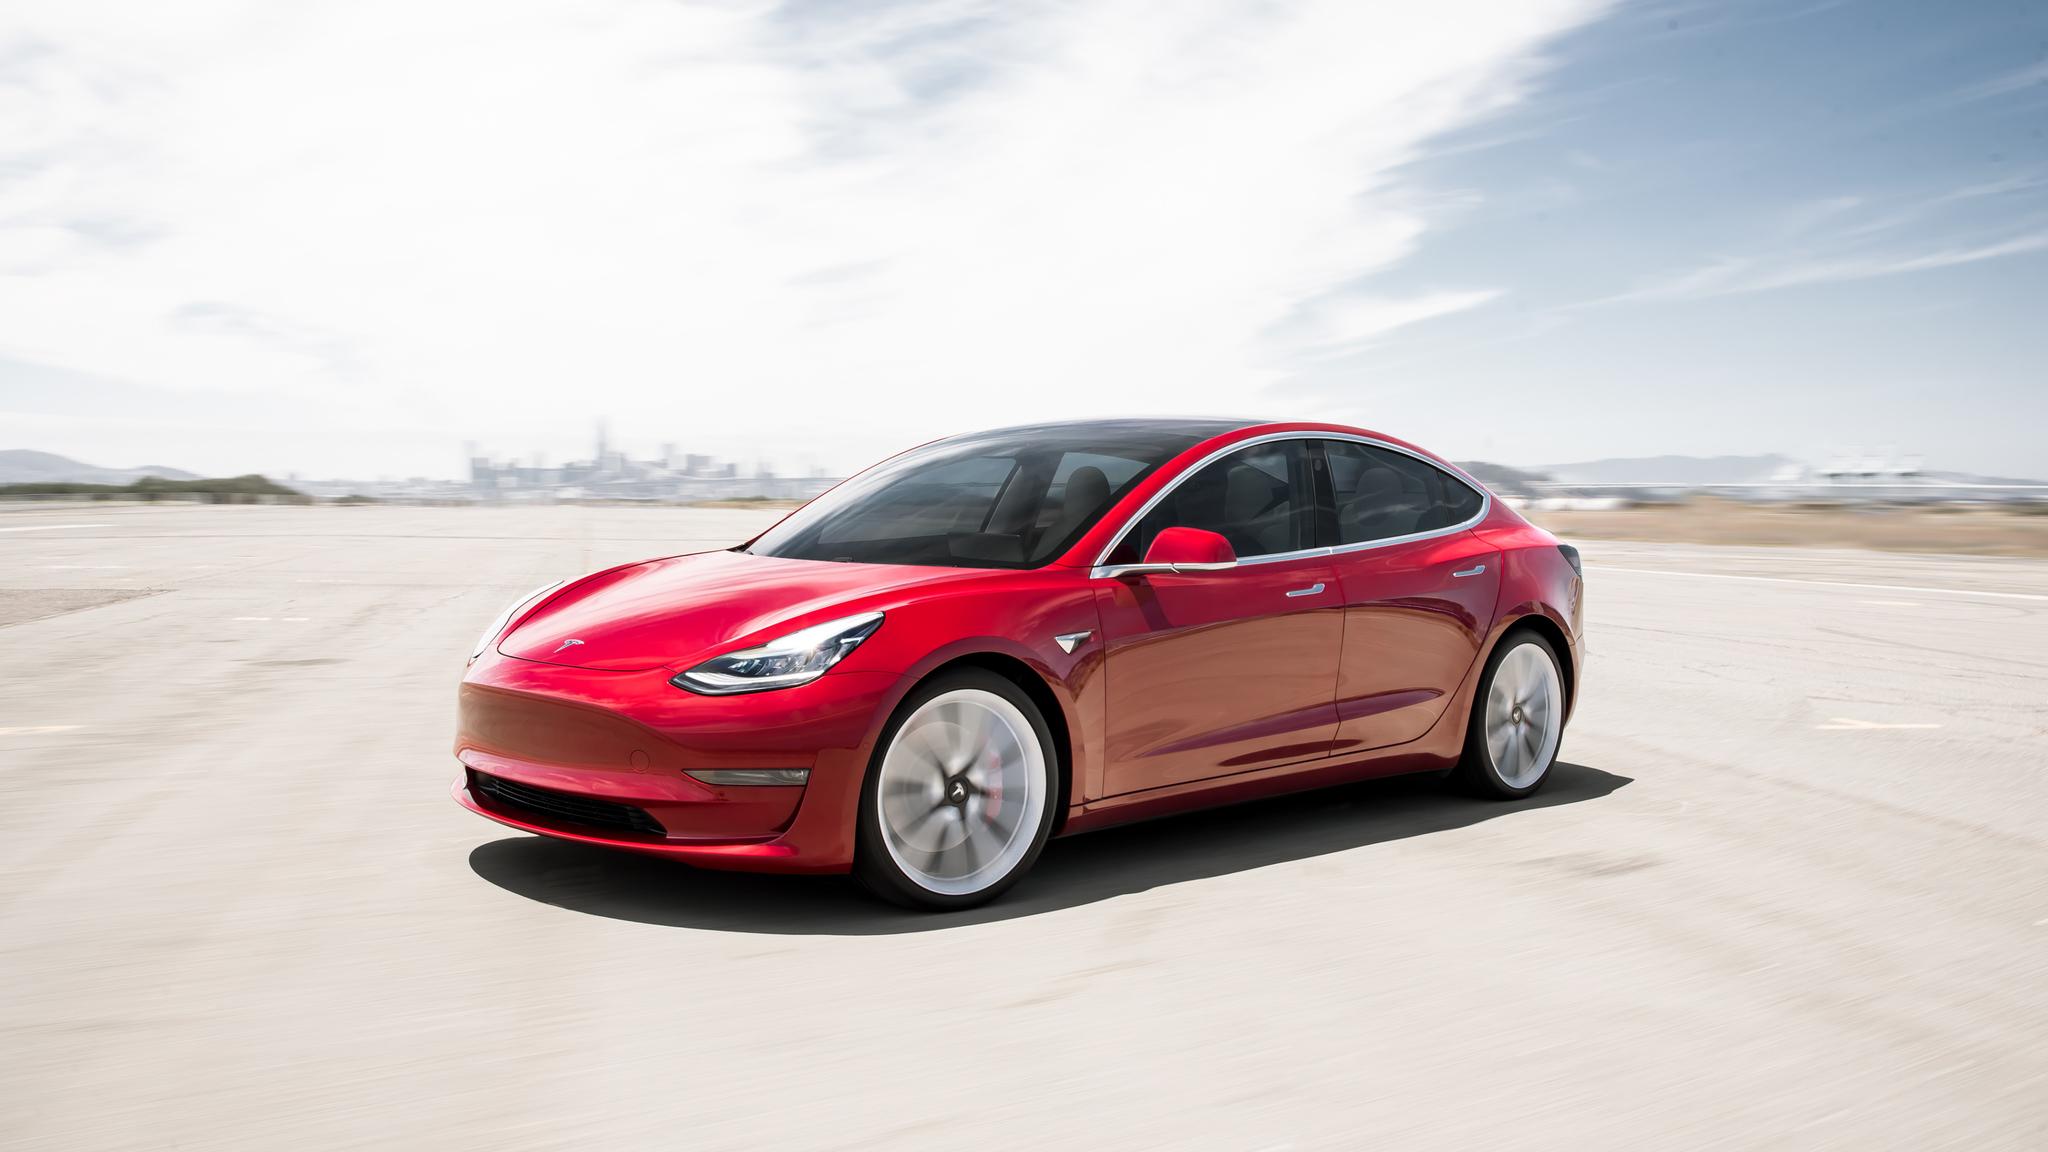 La Tesla Model 3 est la voiture qui se vend le mieux en Norvège, aux Pays-Bas et en Suisse